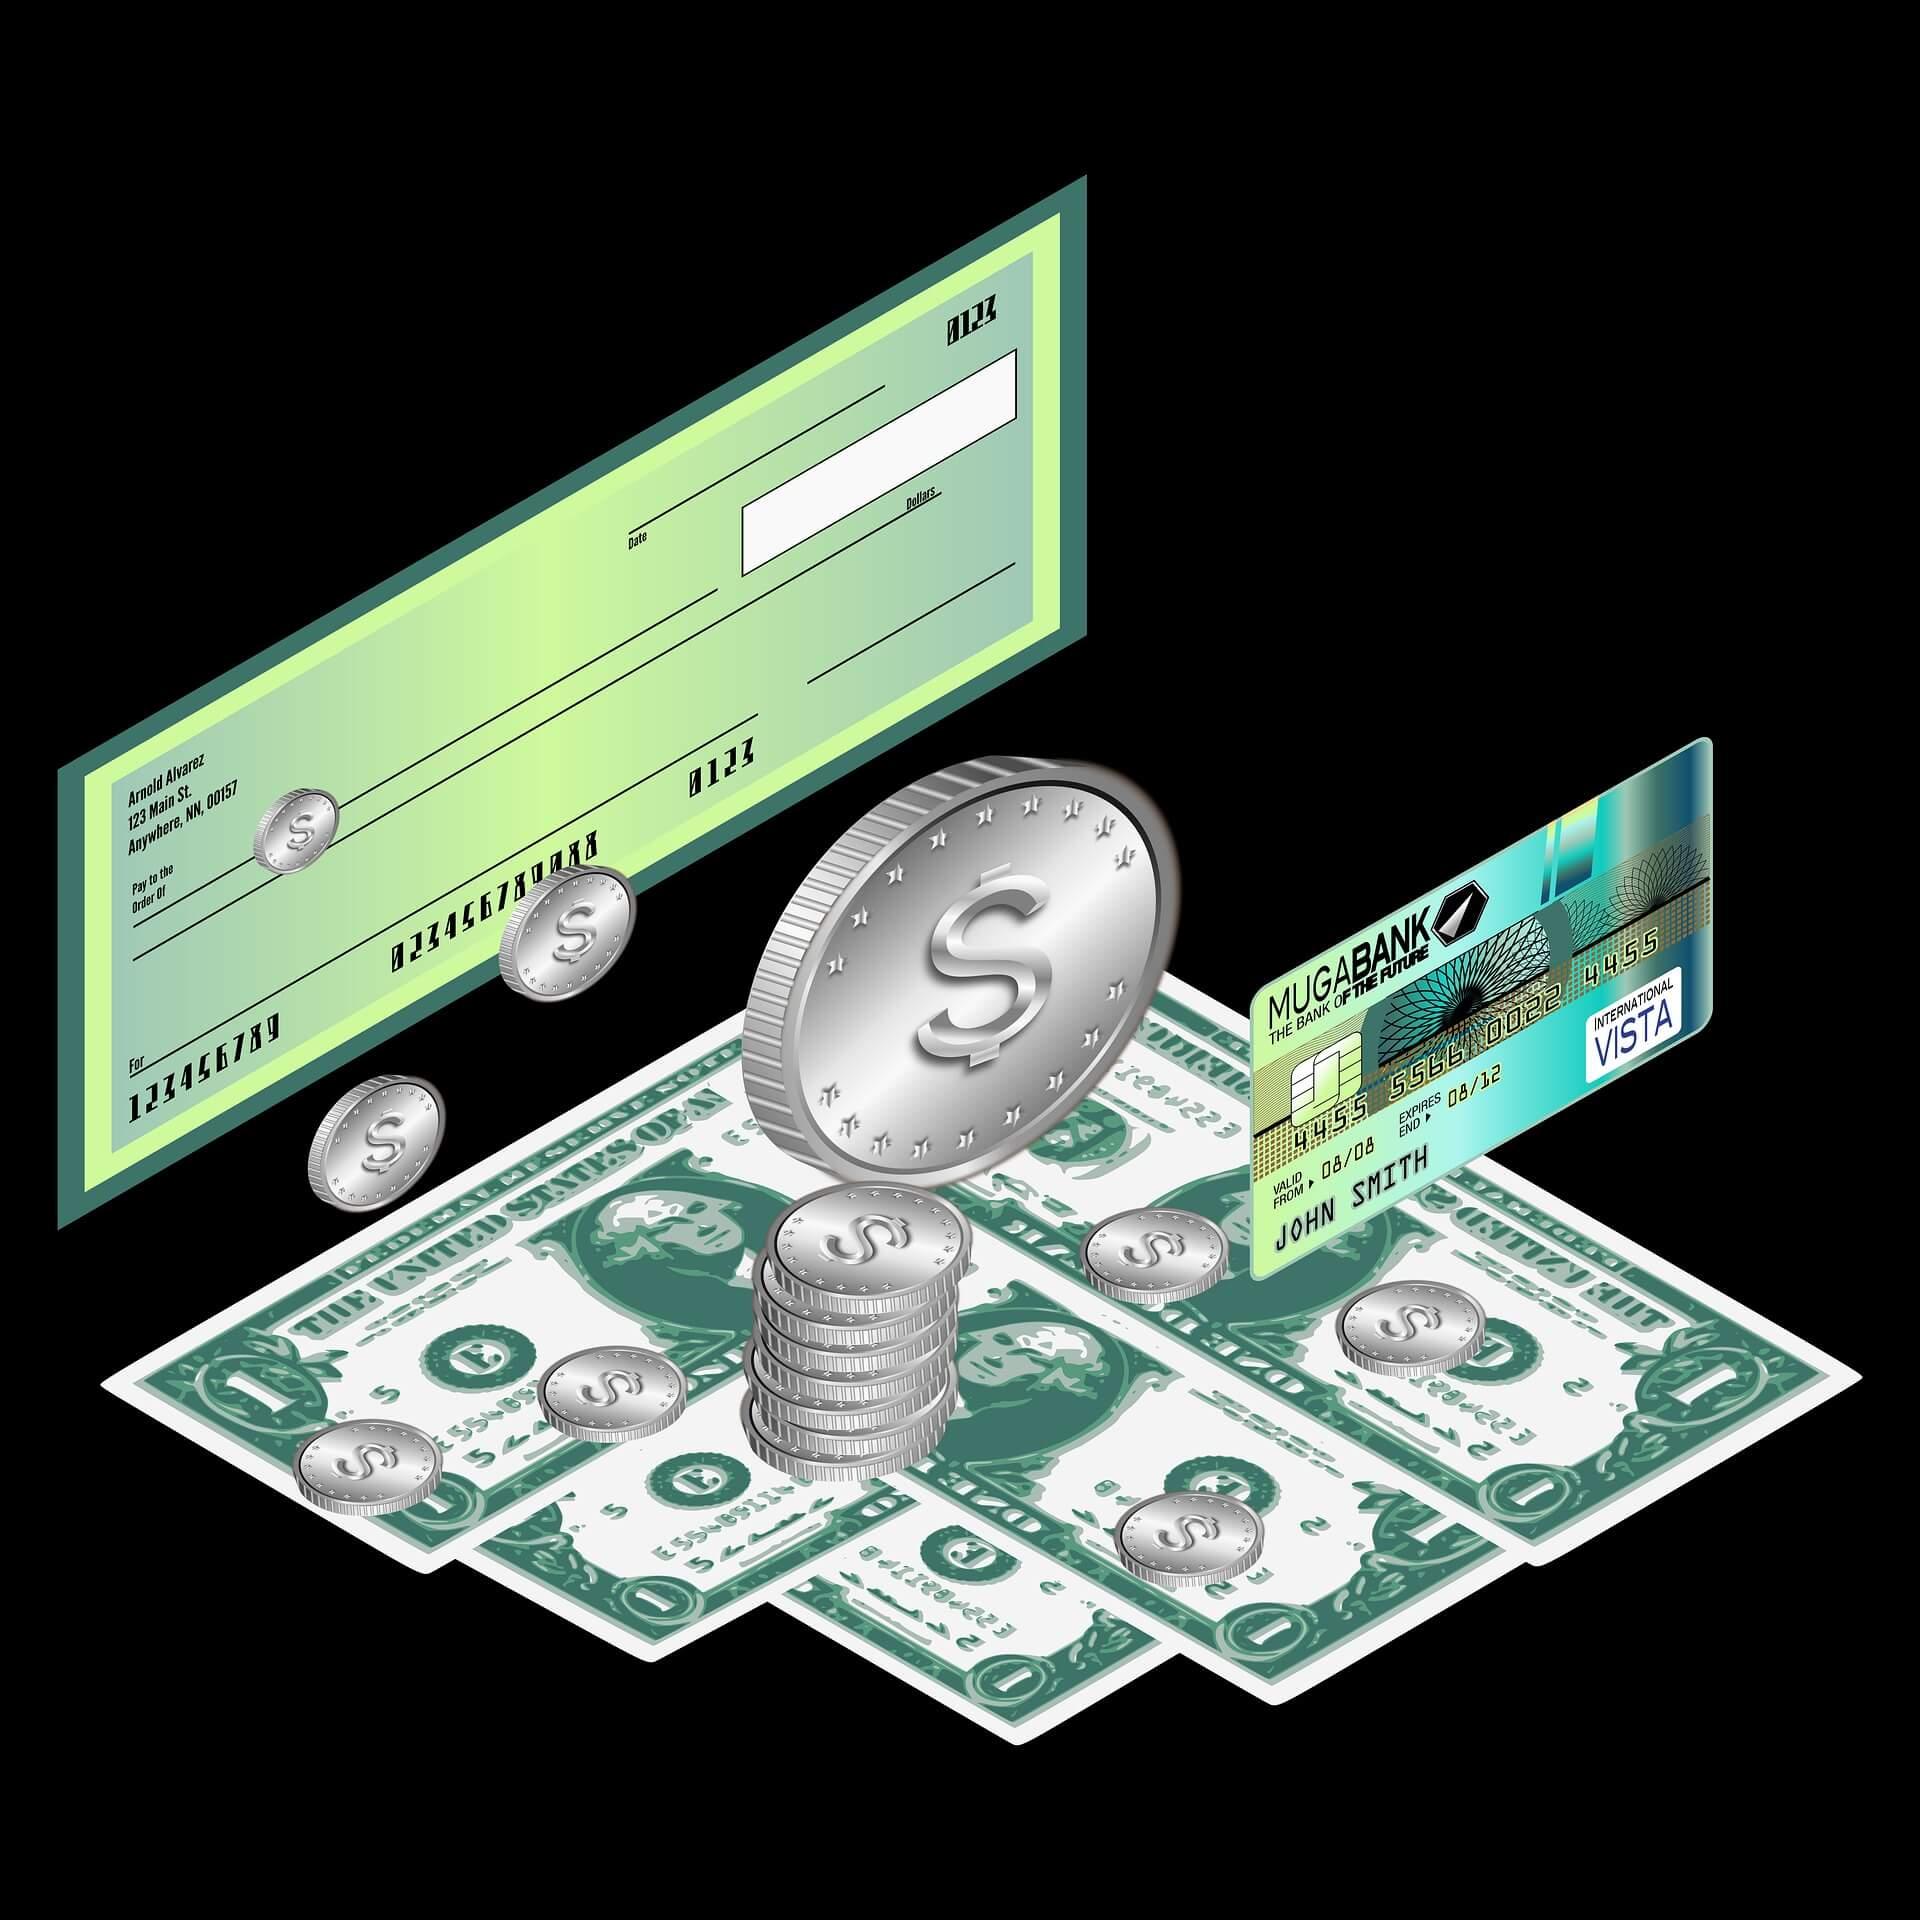 El Dinero y la evolución de los medios de pago